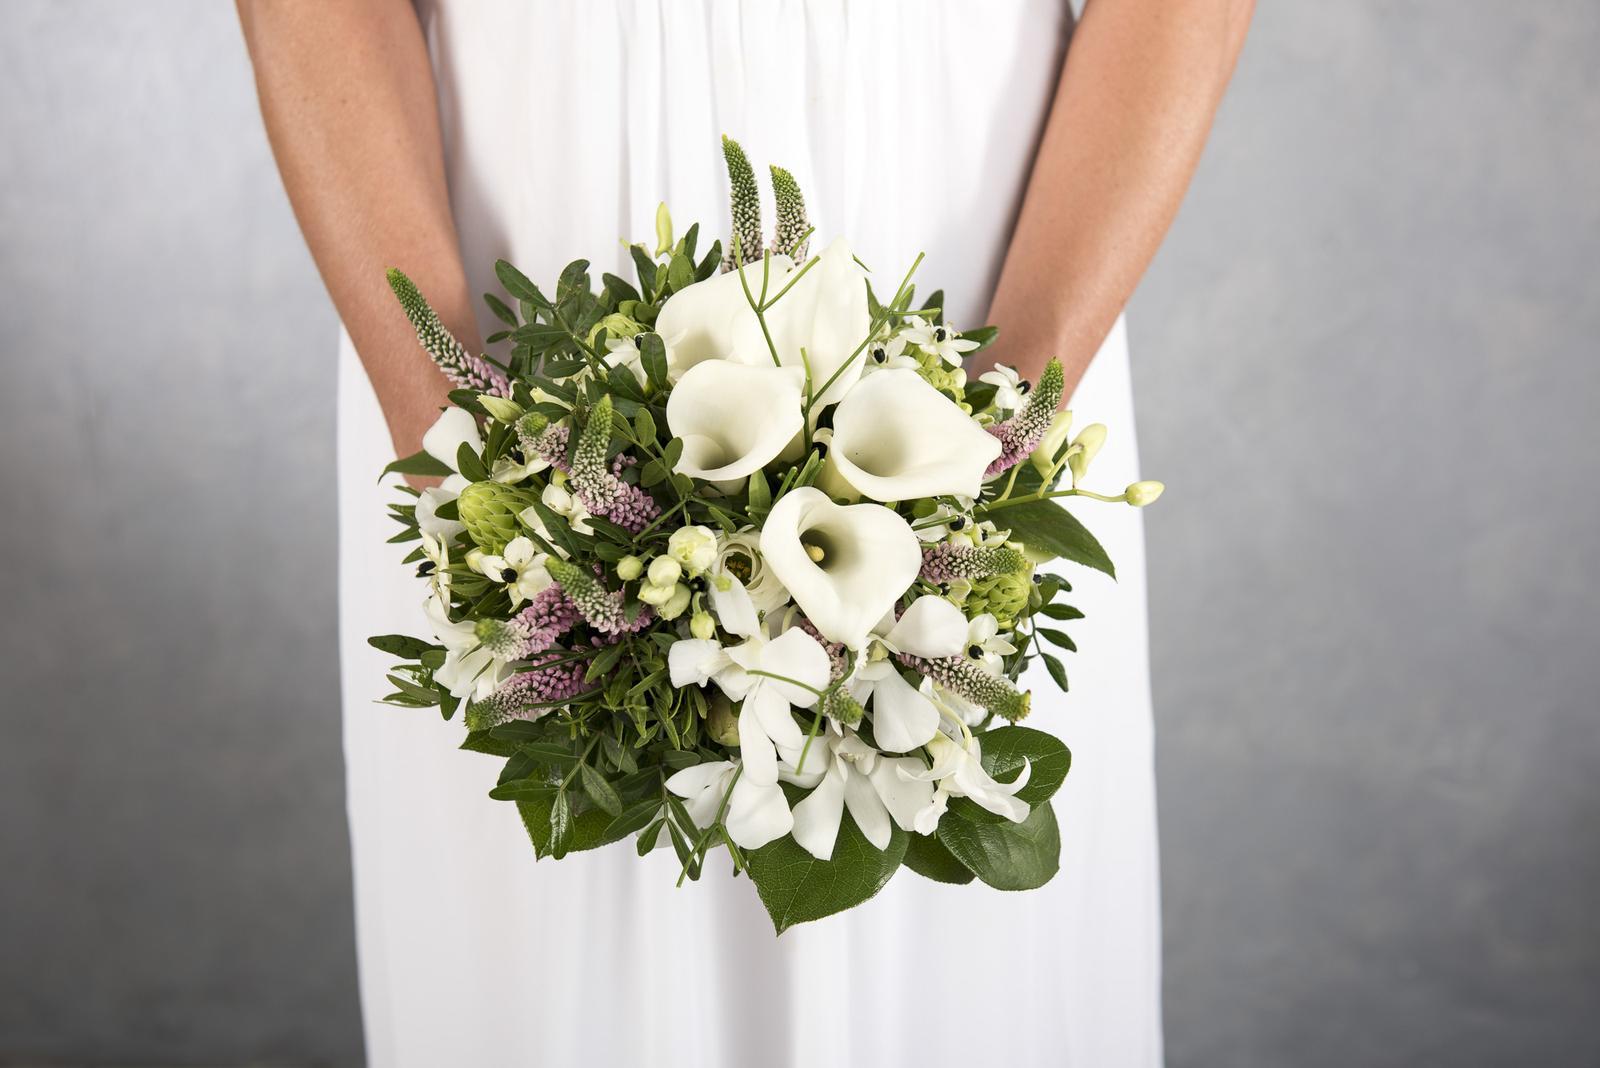 Volné termíny - kaly v kulate svatební kytici